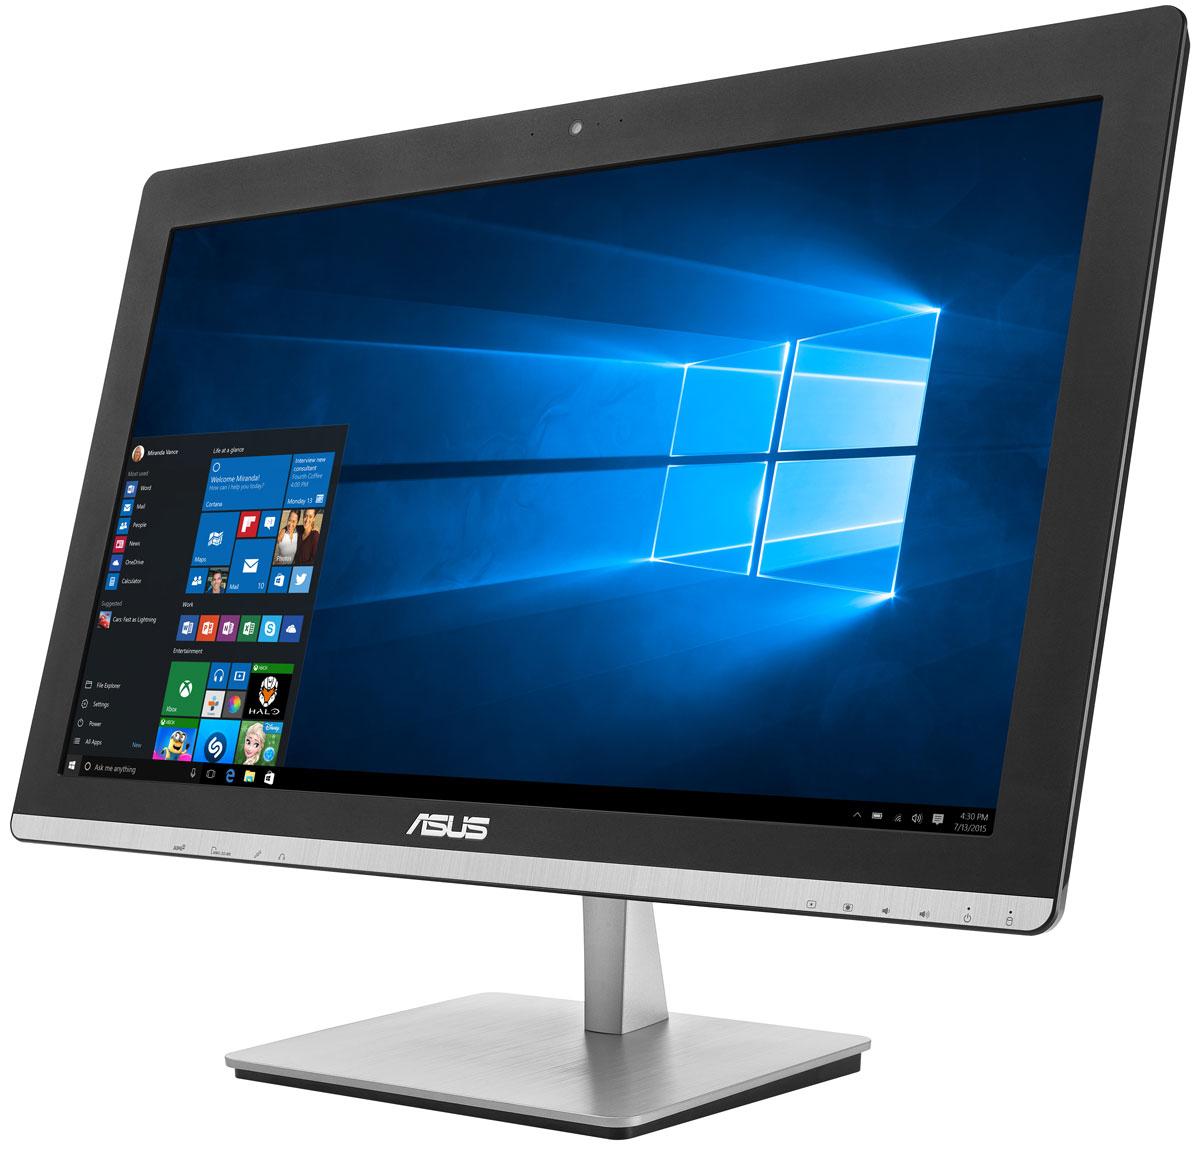 ASUS Vivo AiO V230ICGK-BC274X, Black моноблокV230ICGK-BC274XУстройство Asus V230ICGK - это полноценный моноблочный компьютер, включающий в себя дисплей, процессор, видеокарту, оперативную и пользовательскую память. Он выполнен в красивом корпусе, который будет удачно смотреться в домашнем интерьере. Компактное полнофункциональное устройство, такое как моноблочный компьютер Asus V230ICGK, идеально подходит для современного дома, поскольку его можно использовать для самых различных приложений, как рабочих, так и развлекательных, при этом не засоряя домашний интерьер множеством кабелей и дополнительных приспособлений. Изящная подставка прочно удерживает моноблочный компьютер на месте. В отличие от подставок аналогичных моделей, ее верхний конец прикреплен к задней панели дисплея, а не к его основанию. Моноблочный компьютер Asus V230ICGK оснащается процессором Intel Pentium G4400T, который показывает высокую производительность при низком энергопотреблении. С ним можно комфортно выполнять любые...